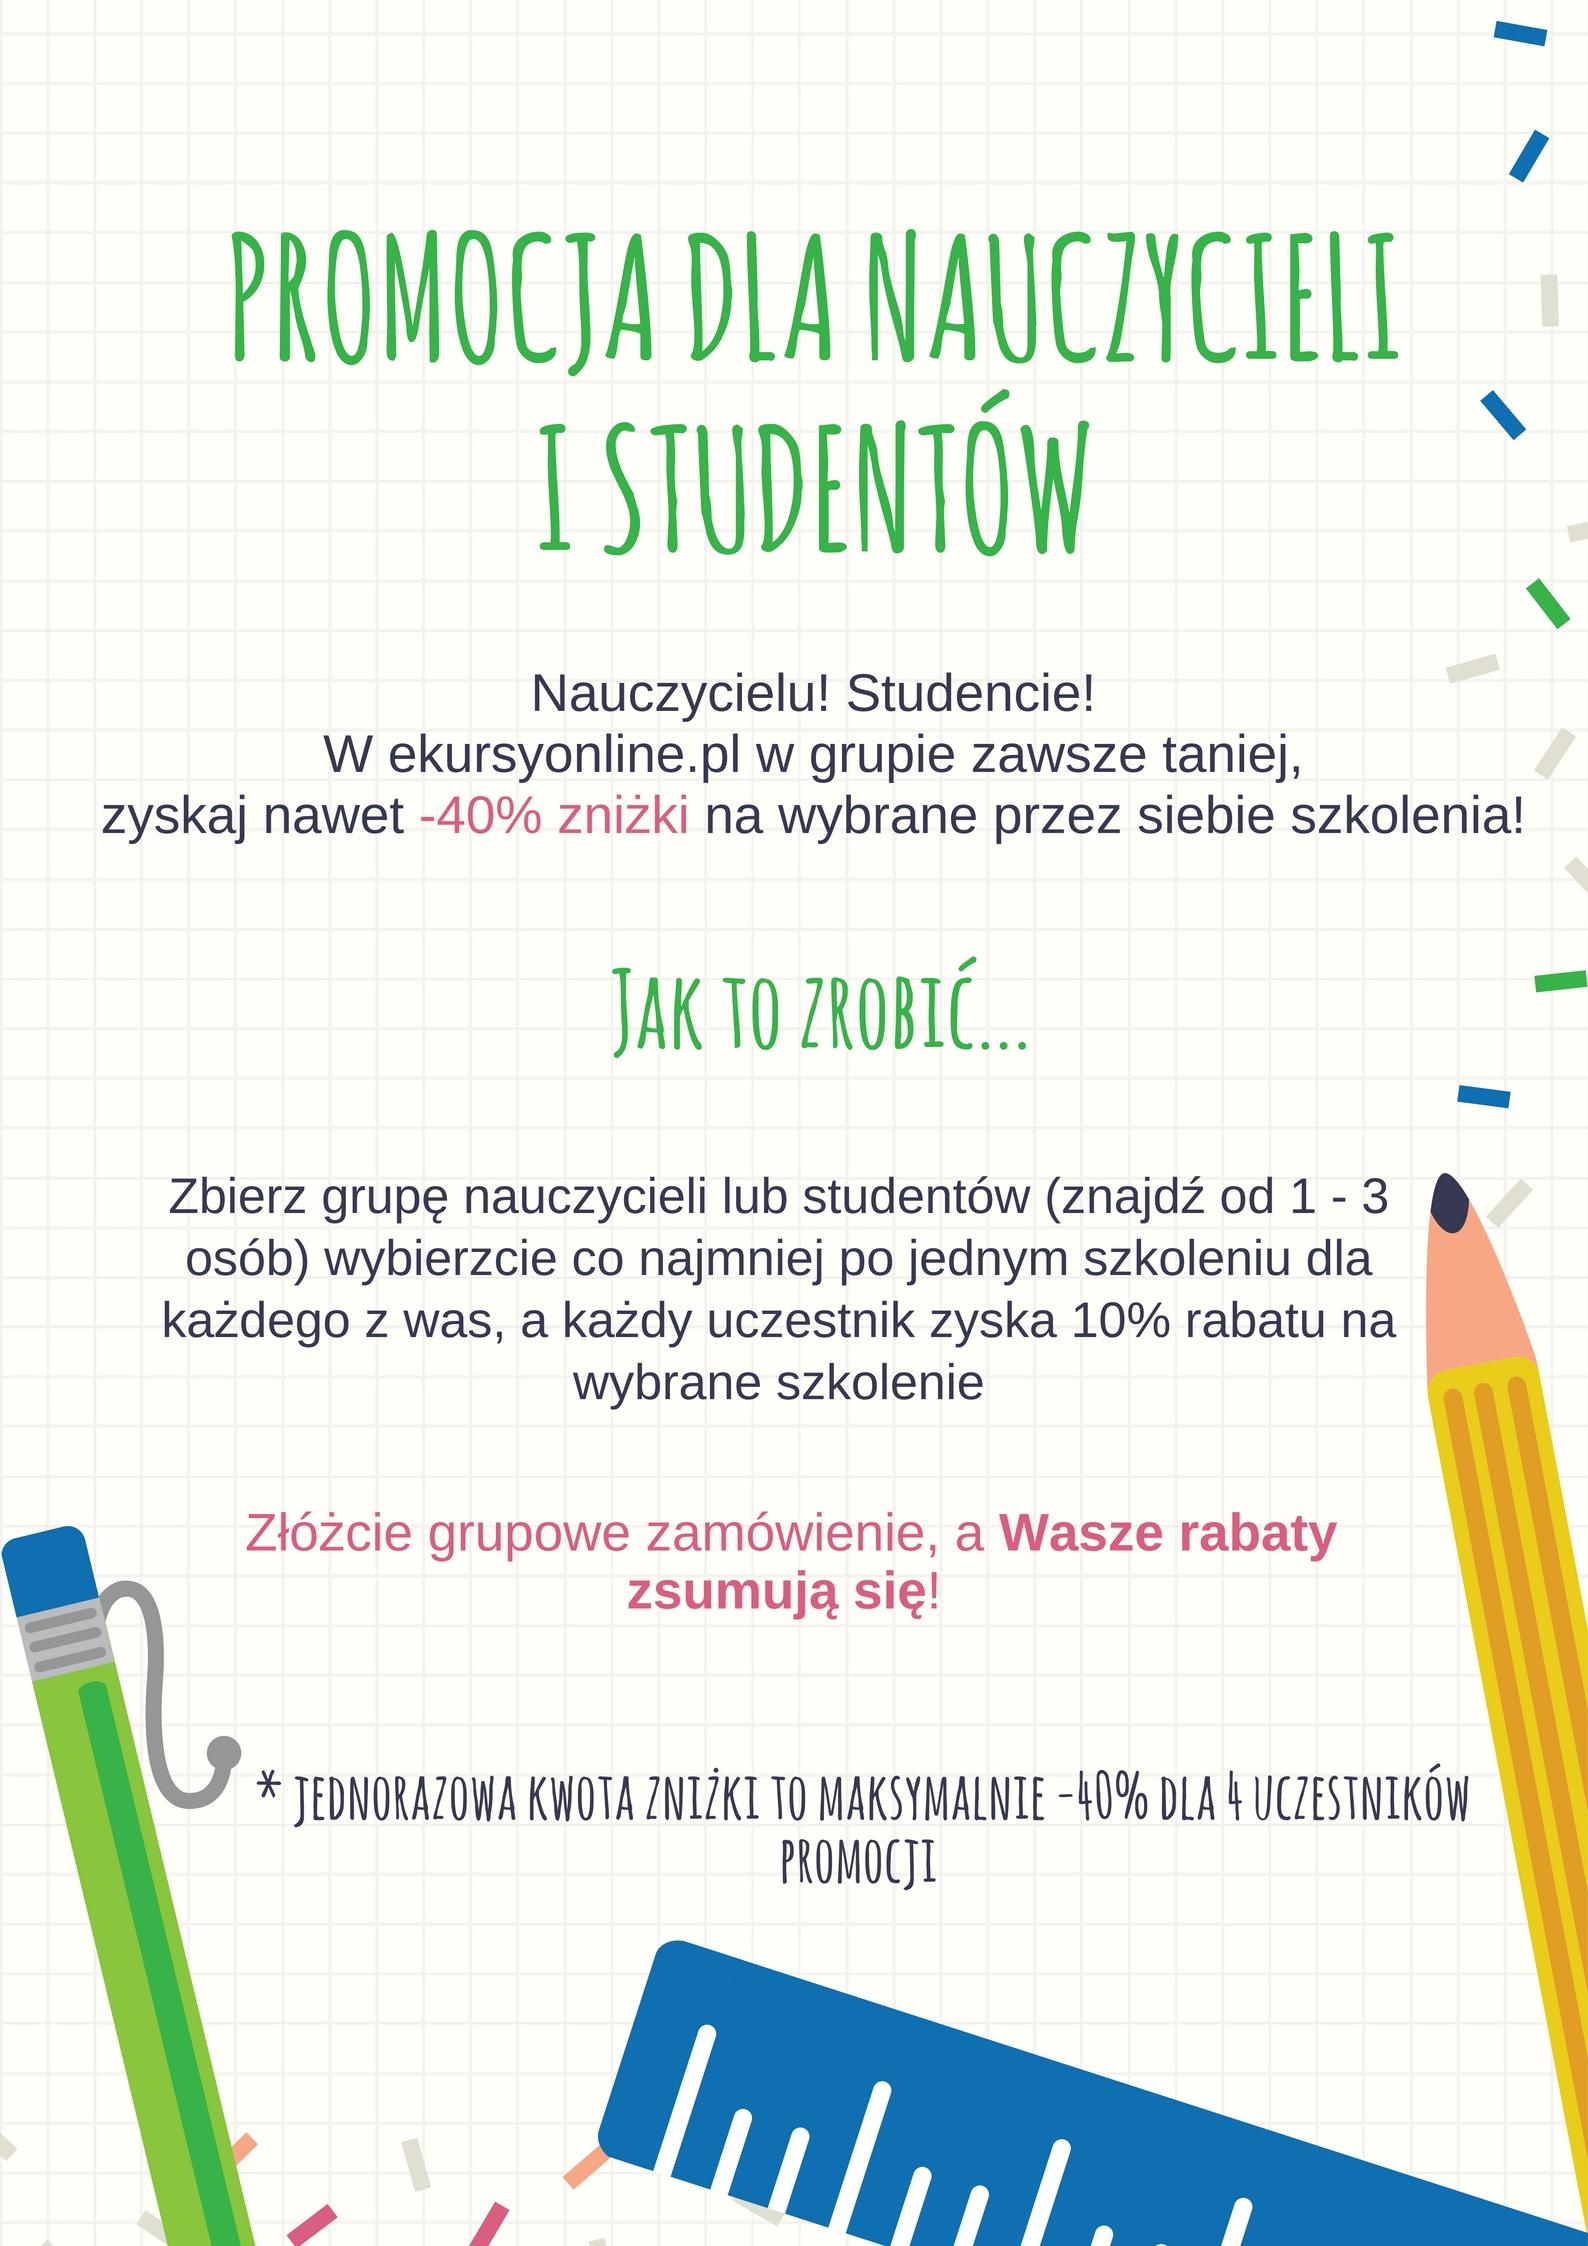 Promocja dla Nauczycieli i Studentów